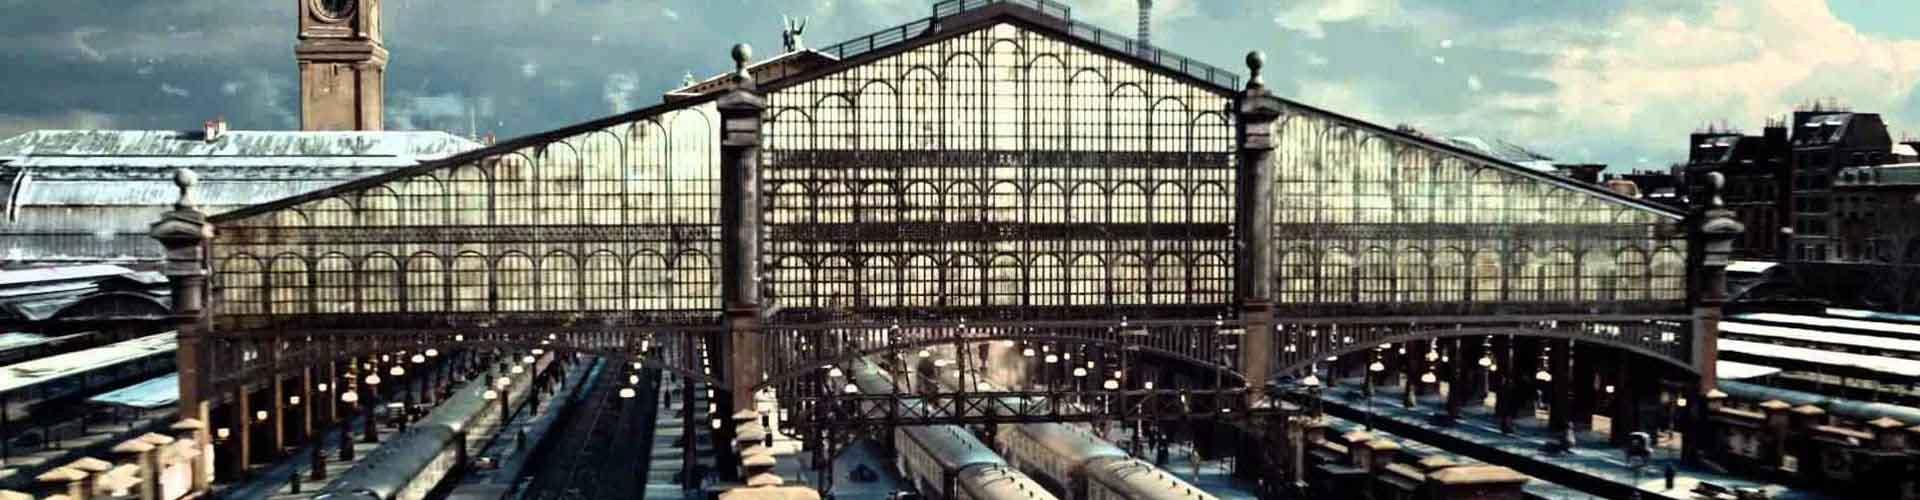 파리 - 몽빠르나스 역에 가까운 캠핑장. 파리의 지도, 파리에 위치한 캠핑장에 대한 사진 및 리뷰.